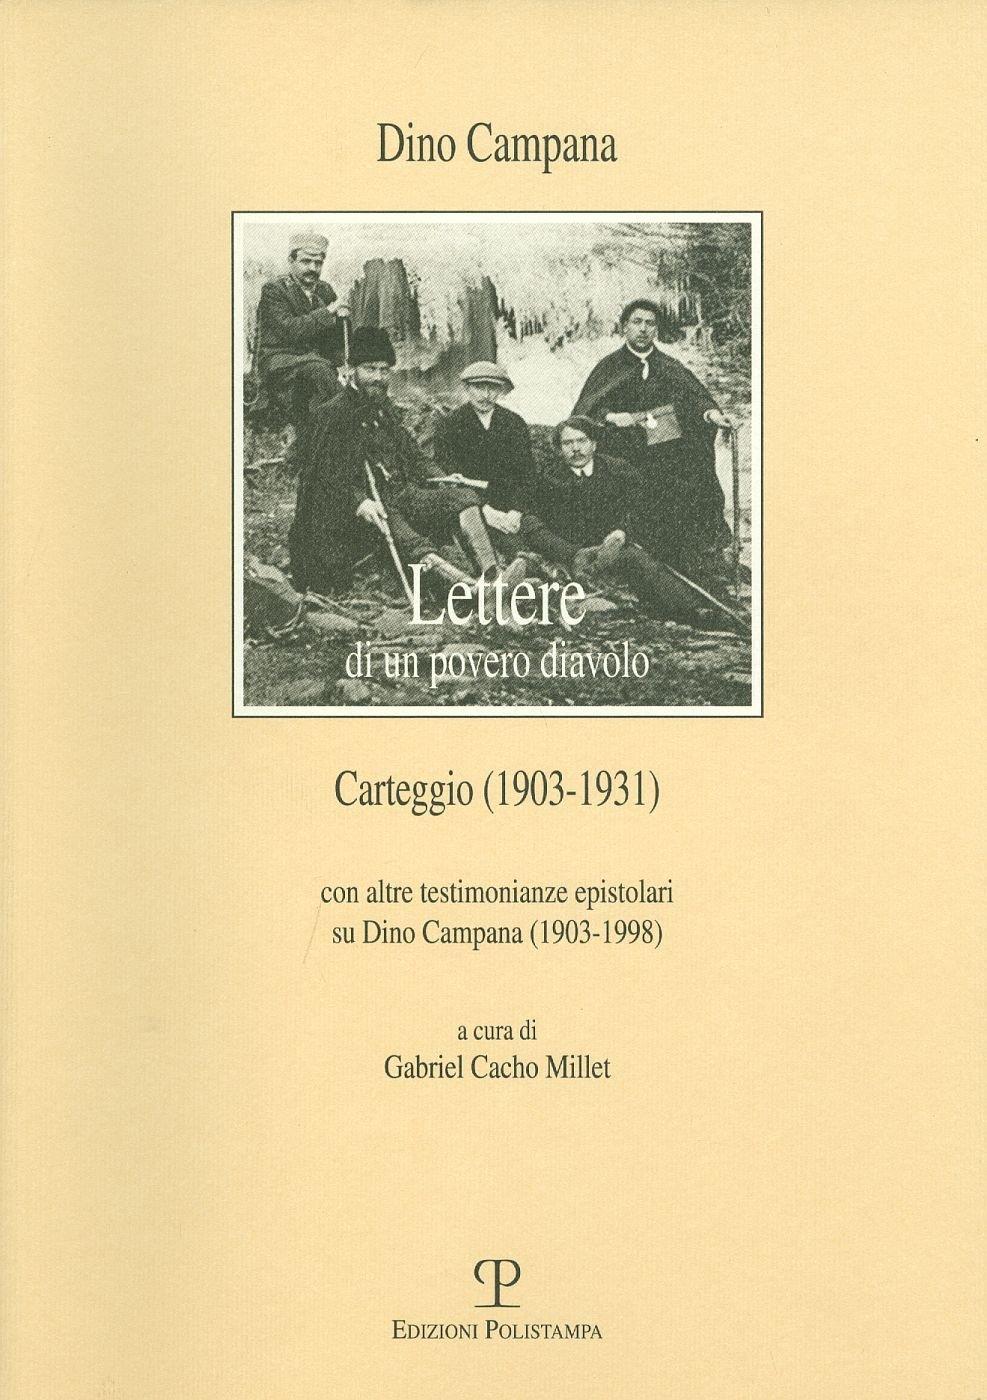 """L'epistoriario del poeta Dino Campana, per un periodo amante della Aleramo, in cui si """"svela"""" la poetessa come modella del Bistolfi per il ritratto dell'Italia"""